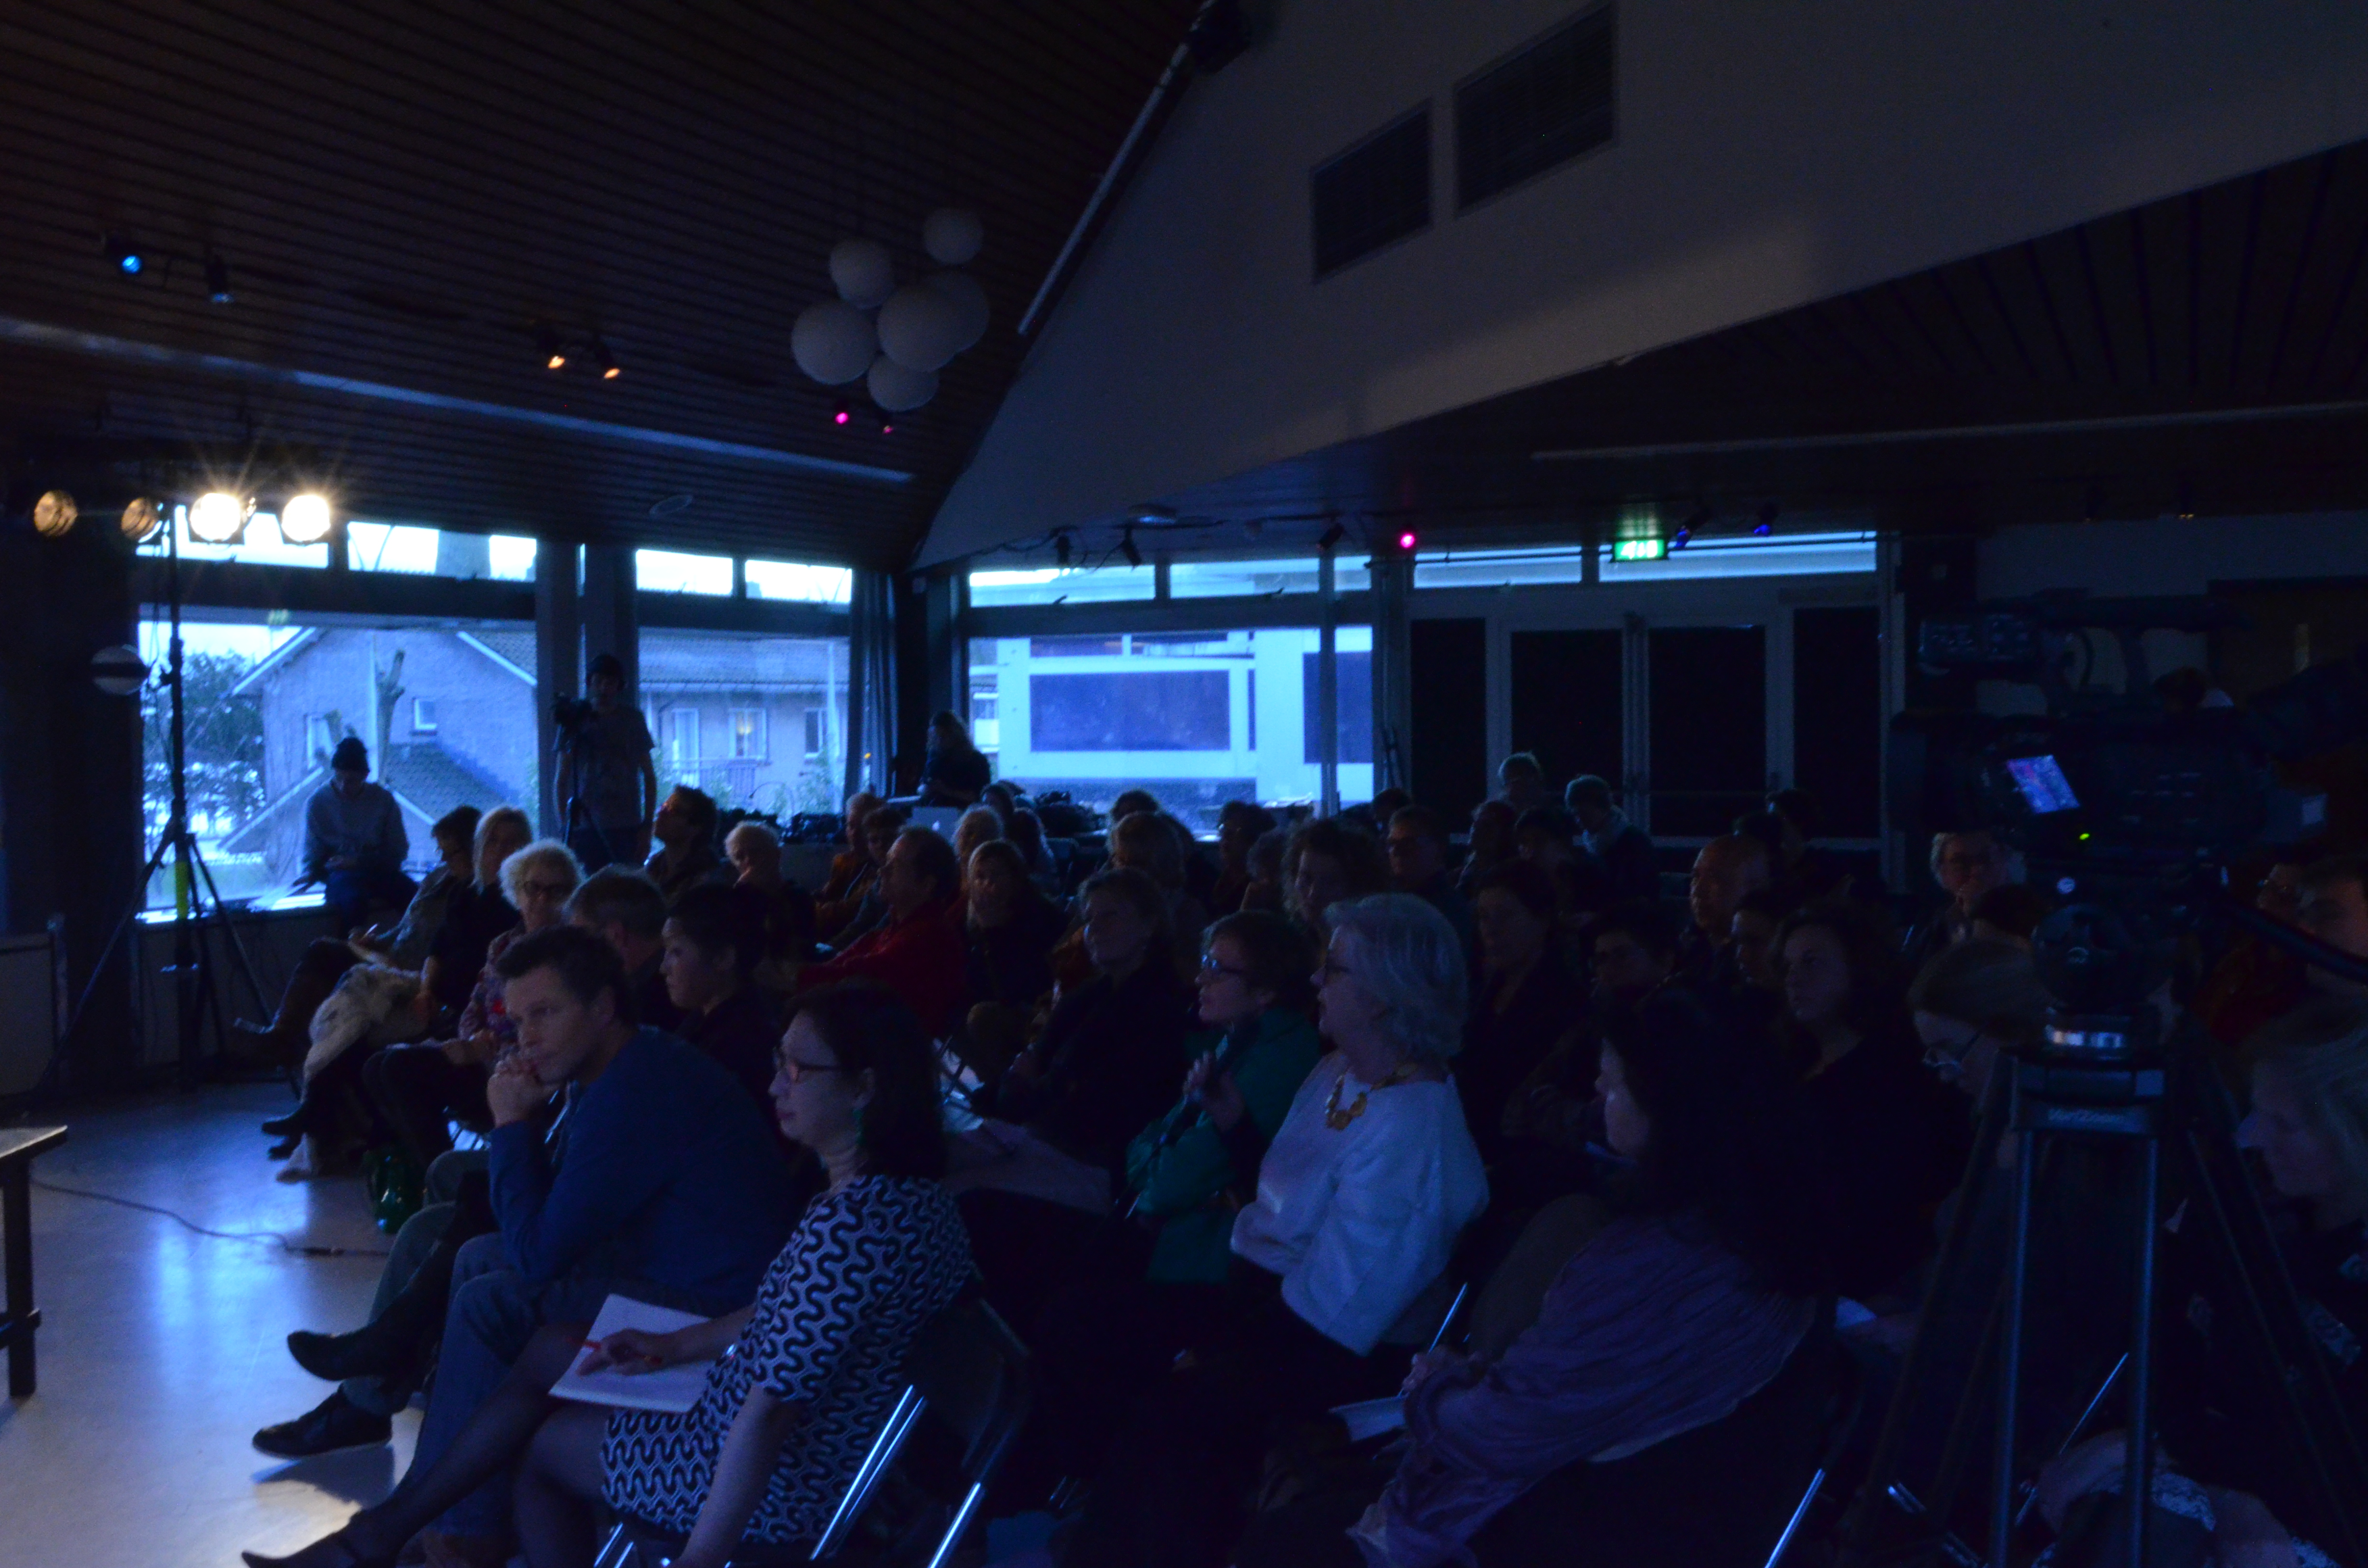 Het publiek luistert aandachtig.